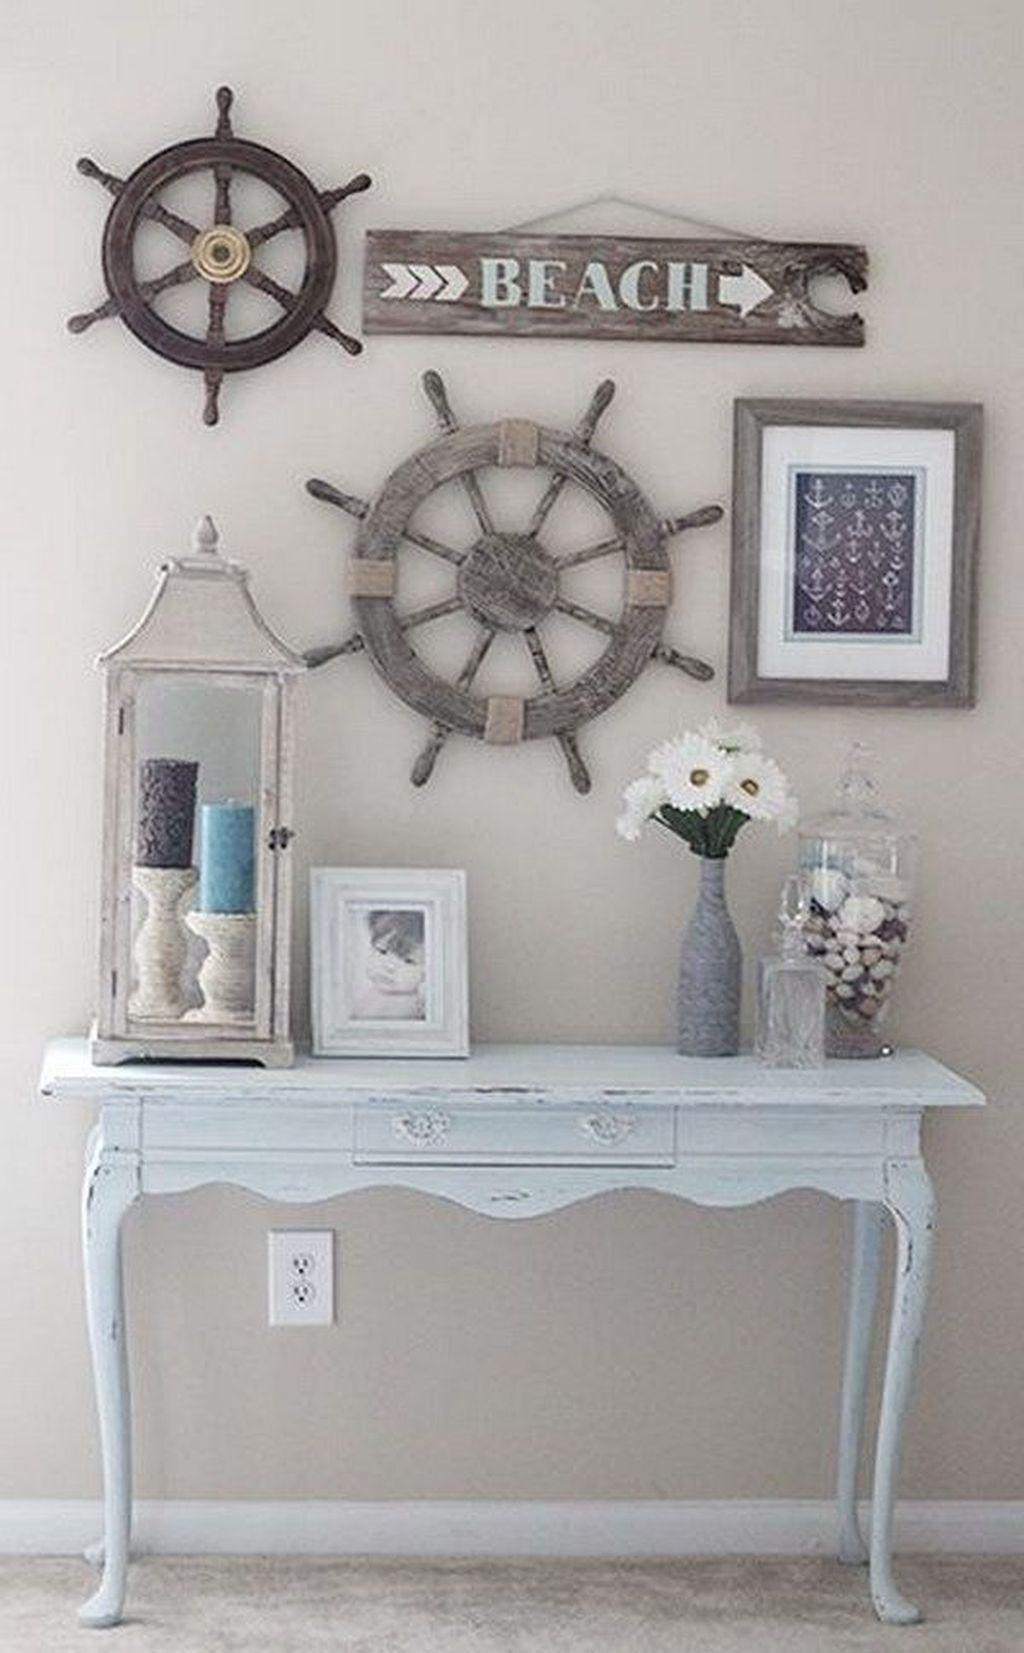 Inspiring Nautical Wall Decor Ideas For Living Room 15